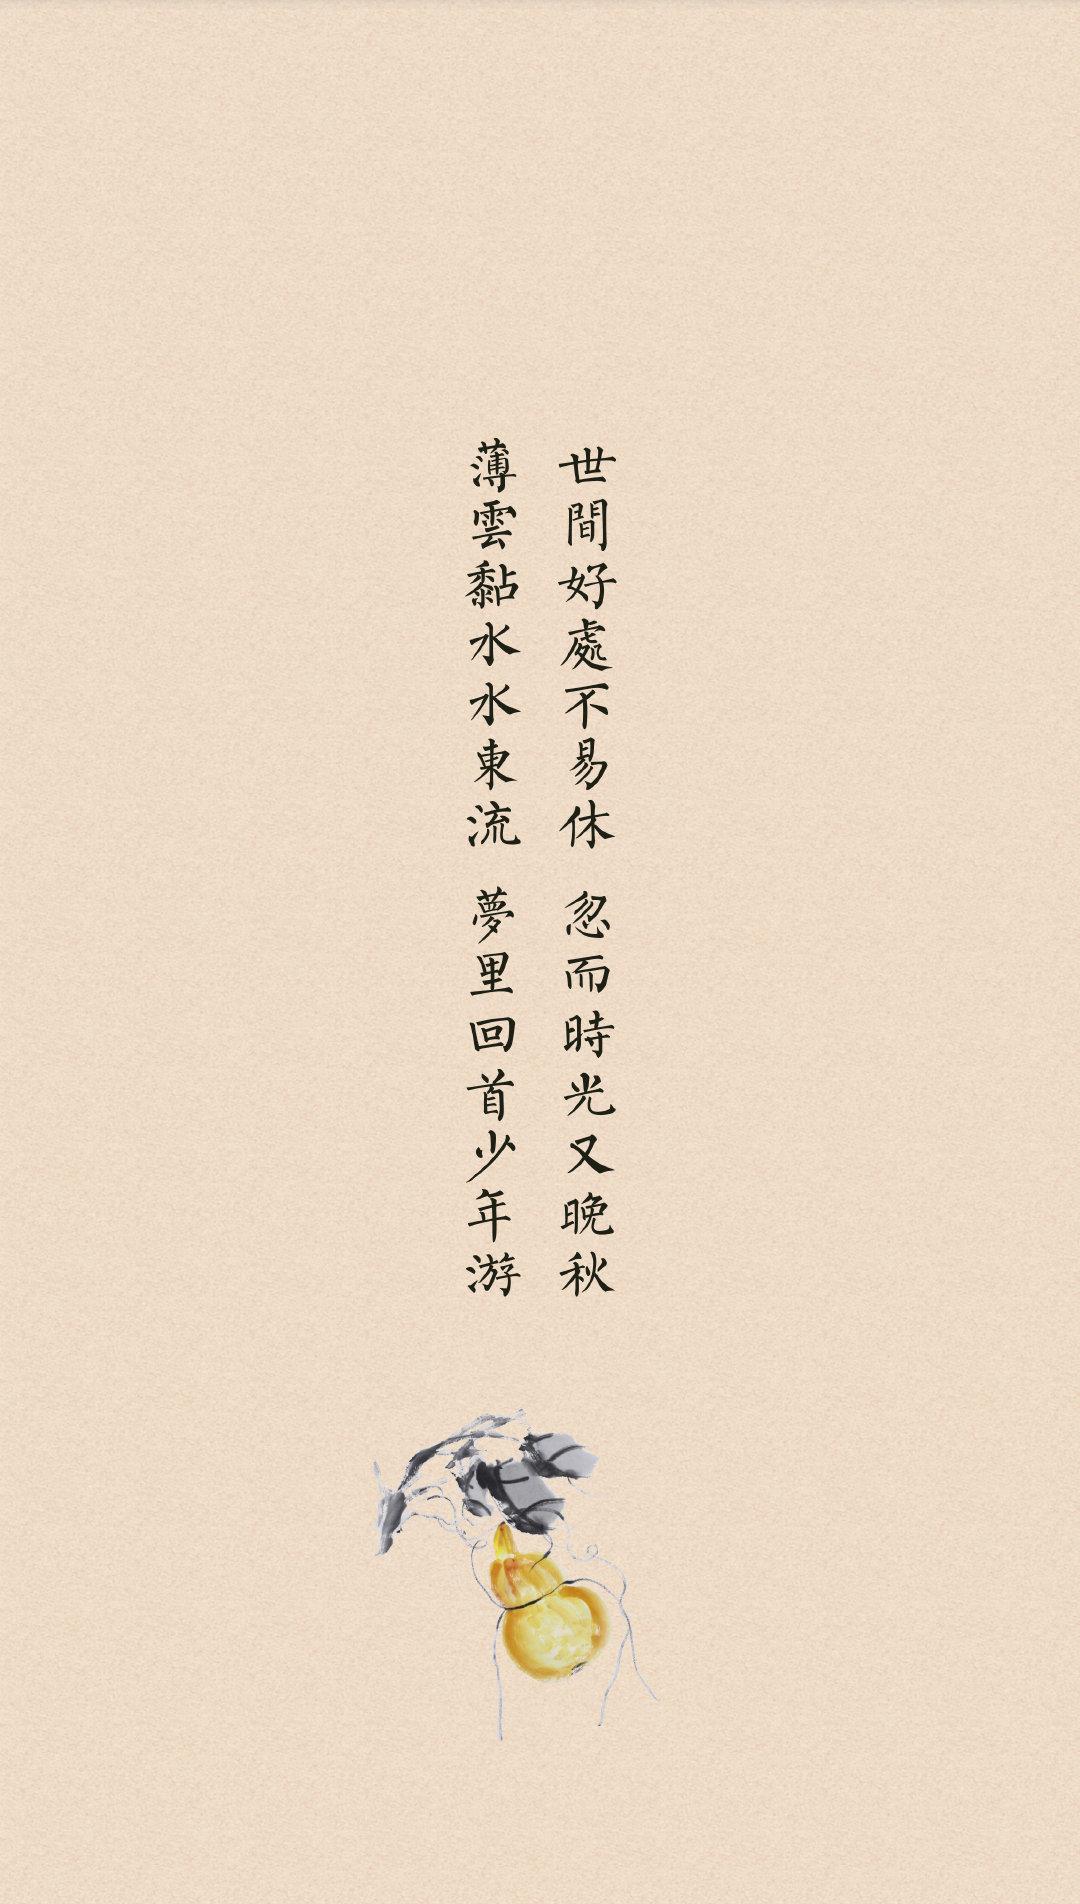 壁纸 | 延参法师经典禅诗鉴赏人间寻个休歇处心素何地不清幽